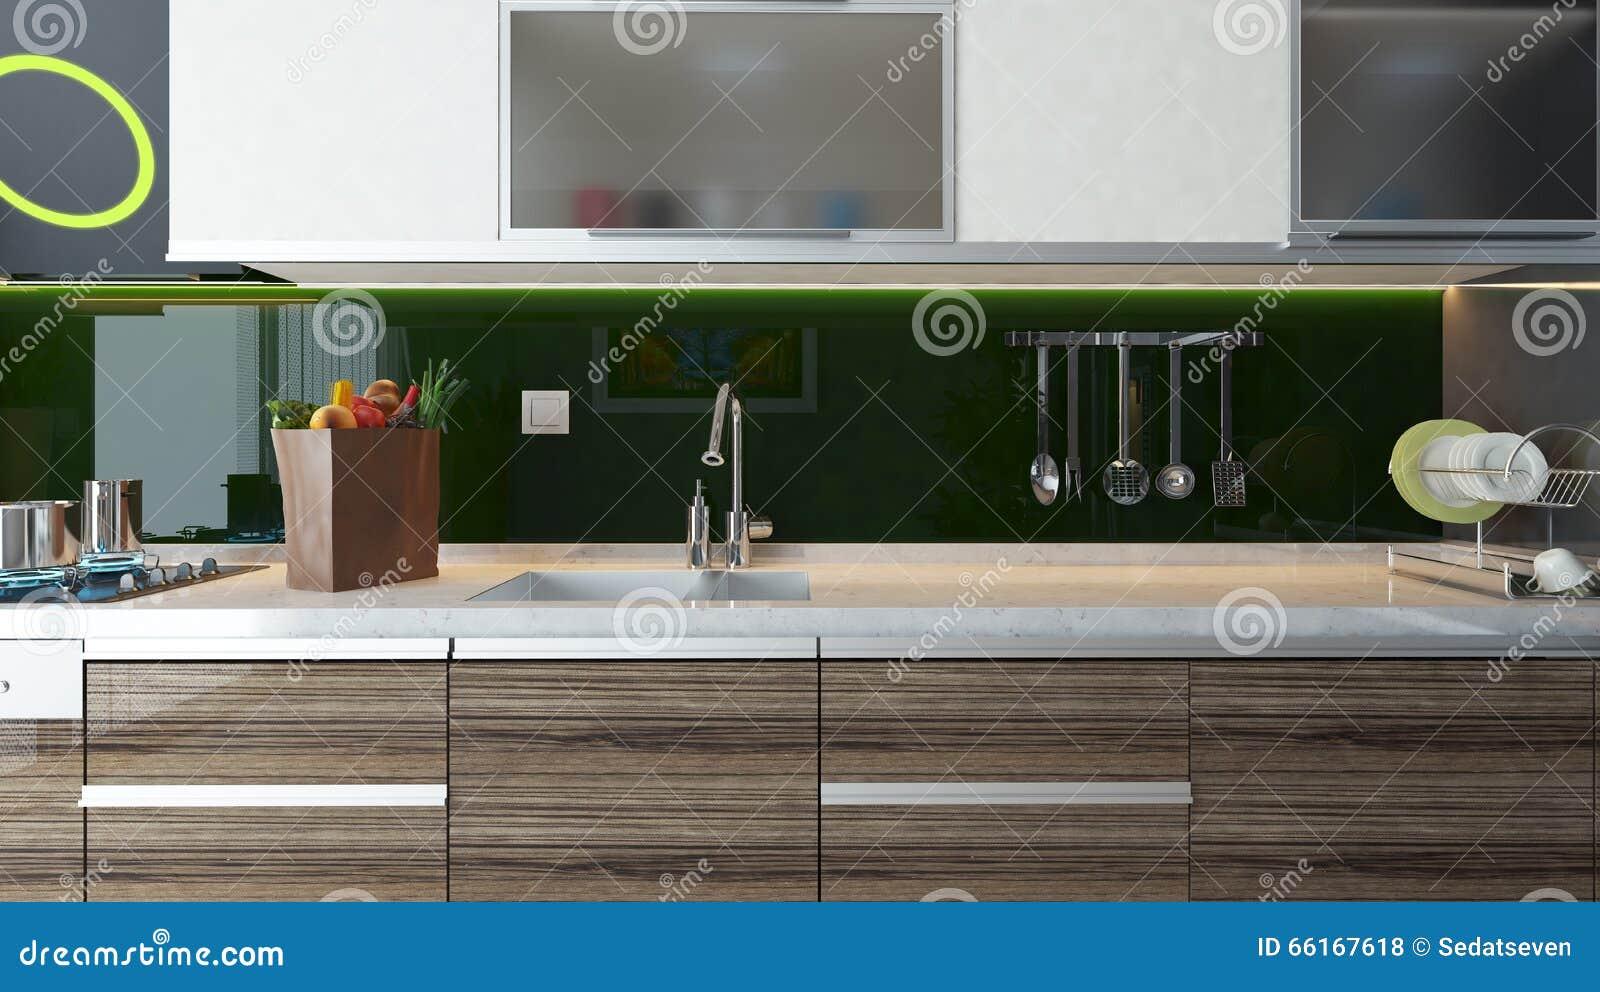 Moderne Küche-Innenarchitektur Stock Abbildung - Illustration von ...